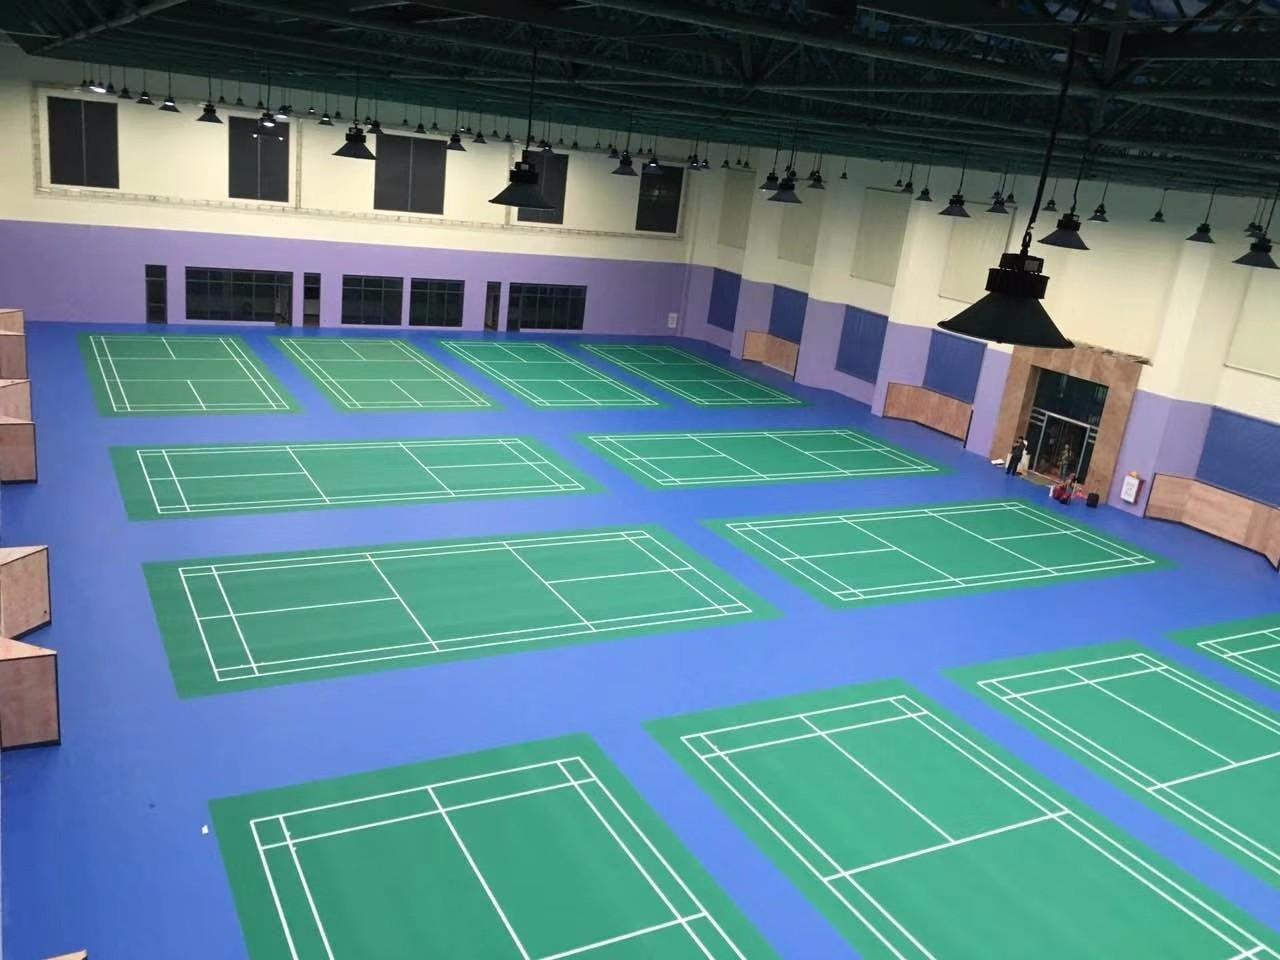 博罗县龙溪俱乐部pvc室内羽毛球场.jpg